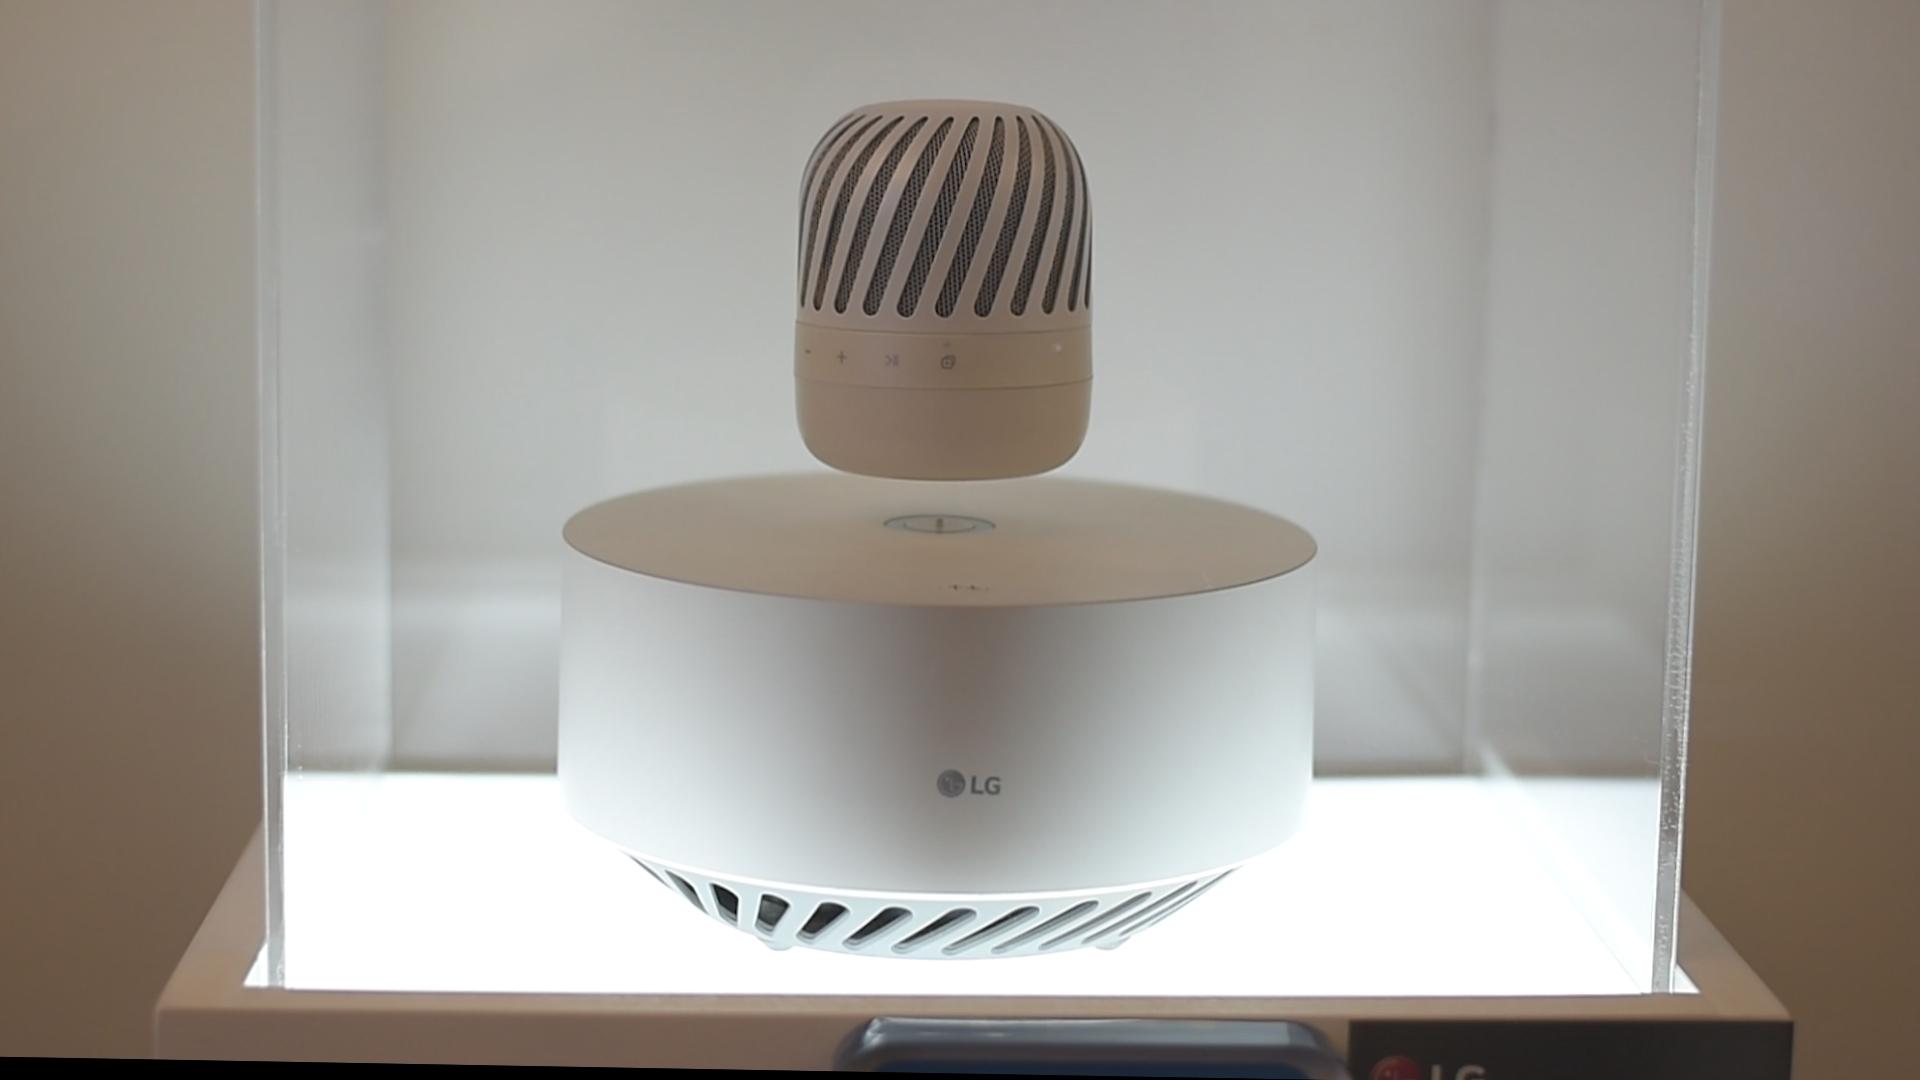 Telewizory cienkie jak tapeta i dużo robotów, czyli 7 najciekawszych produktów LG z InnoFest 2017